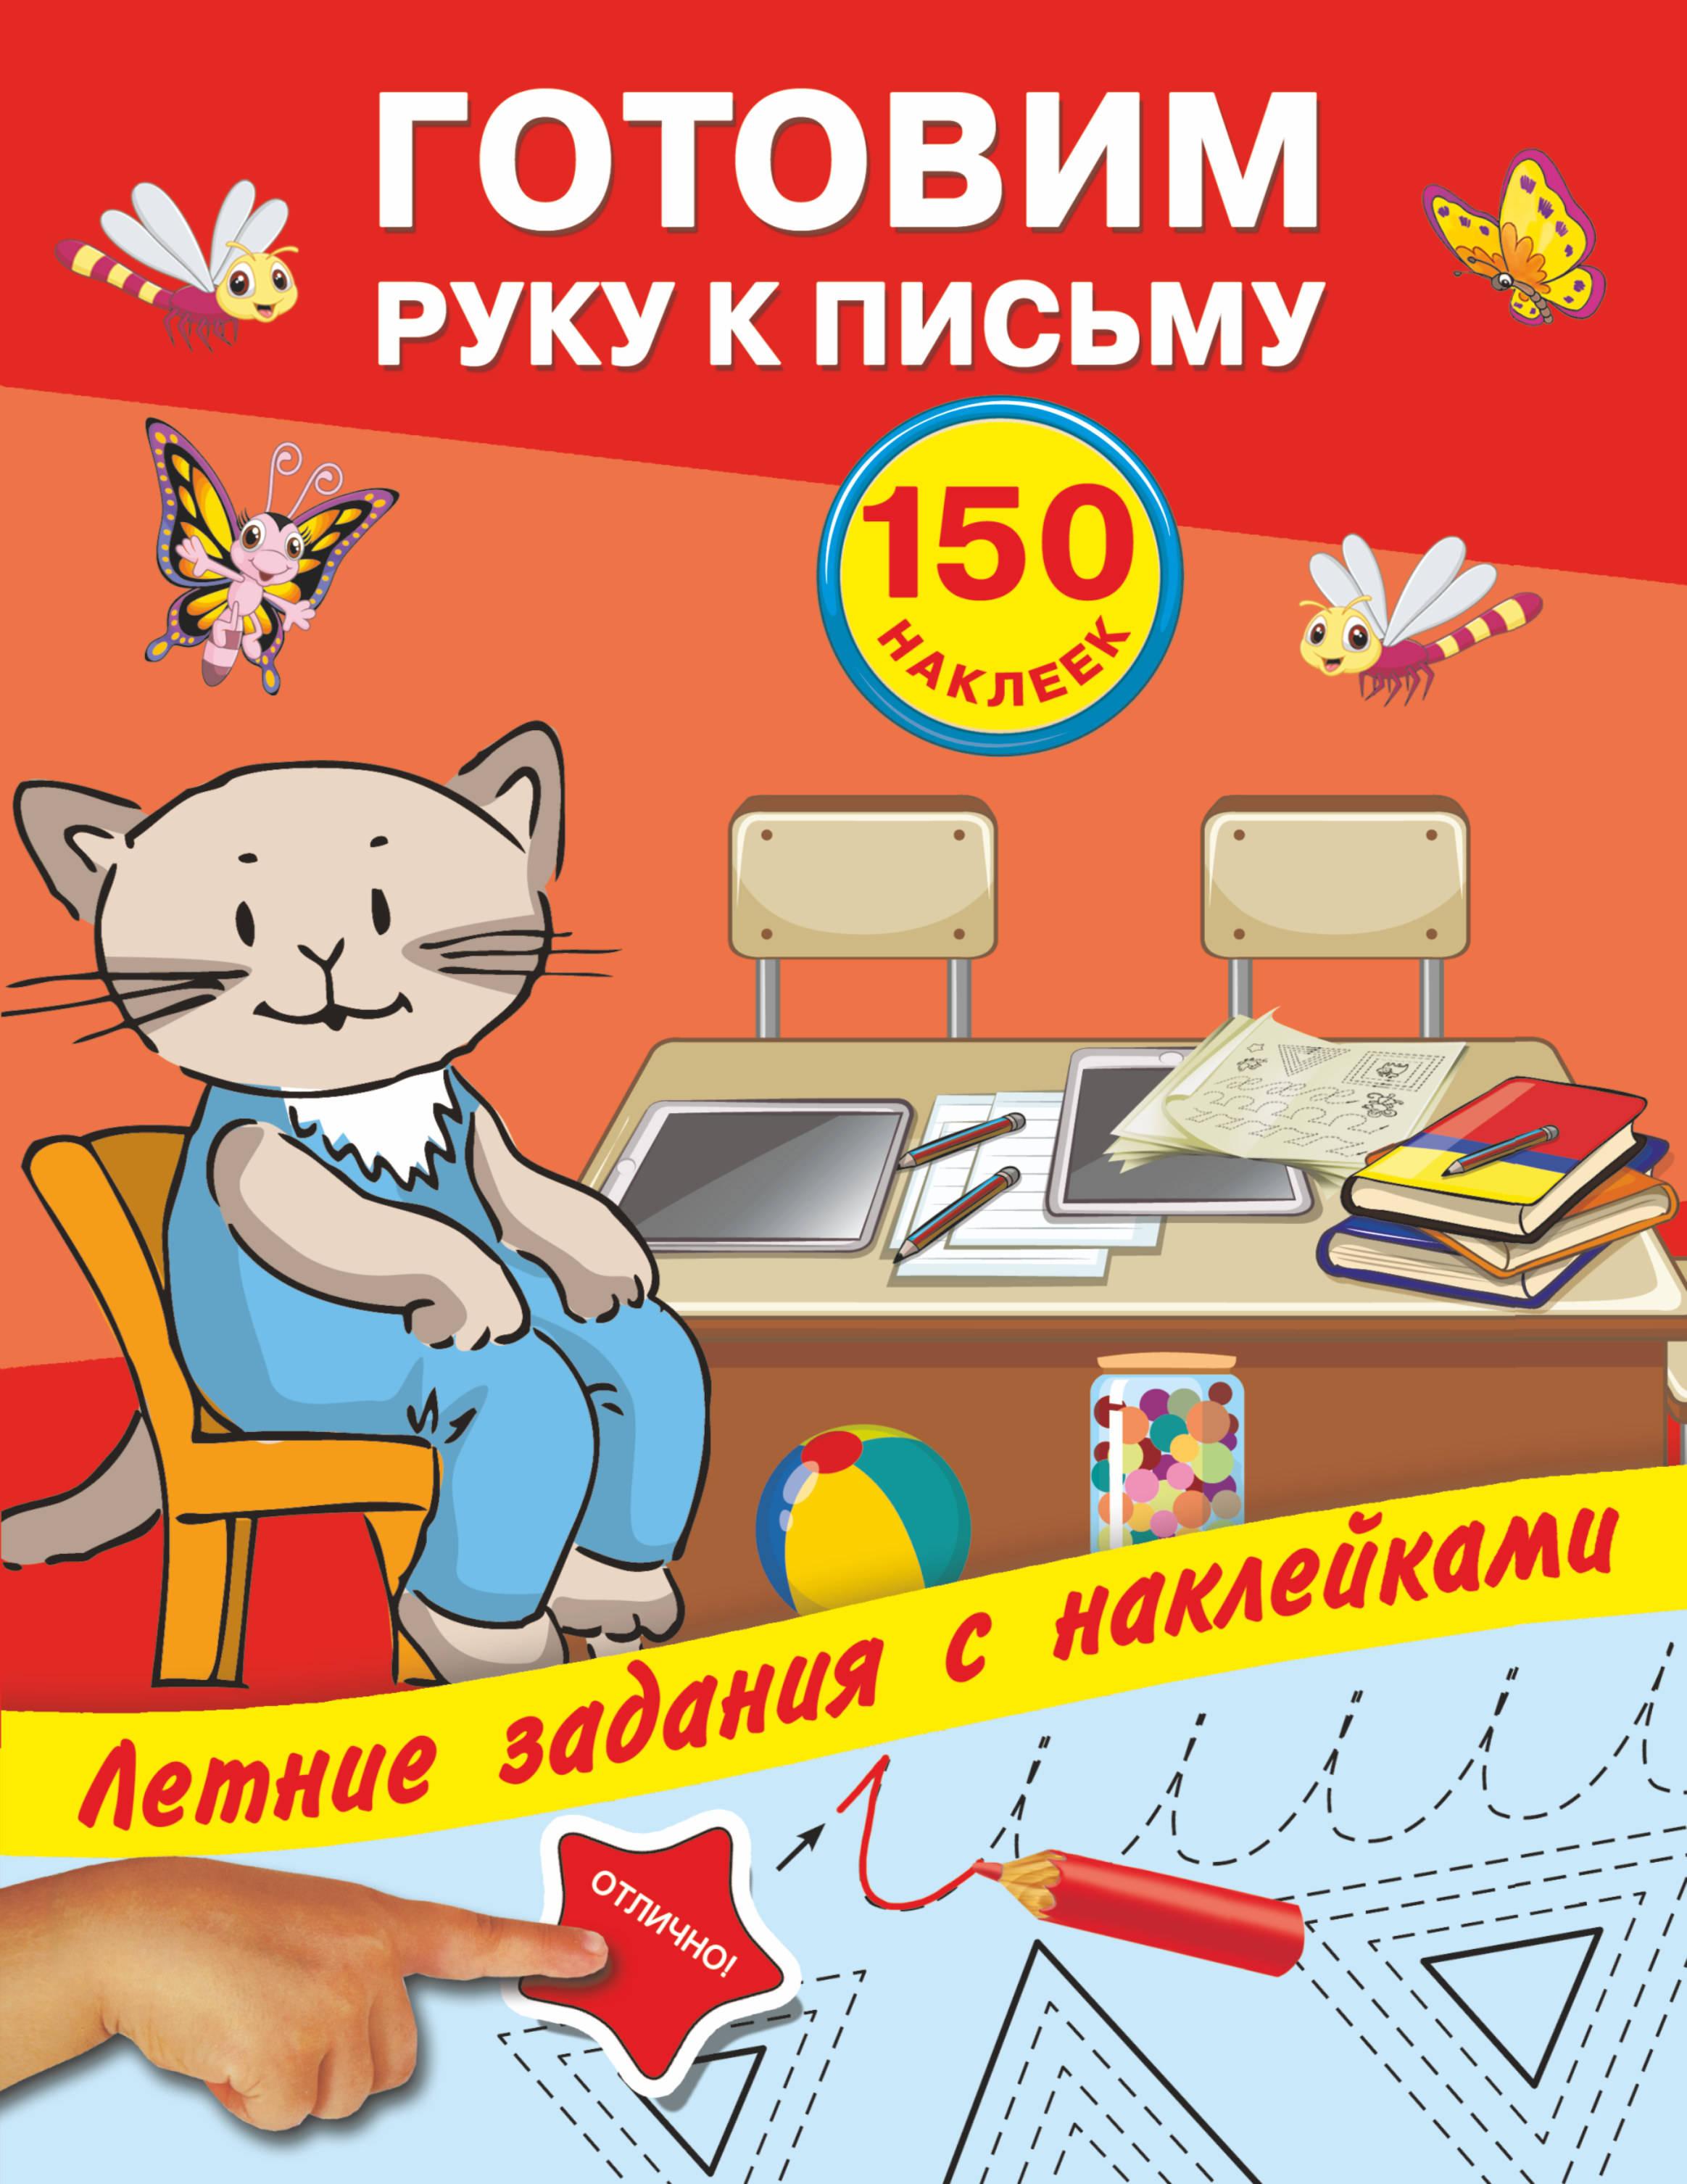 Дмитриева В.Г., Двинина Л.В. Готовим руку к письму с наклейками ISBN: 978-5-17-098153-3